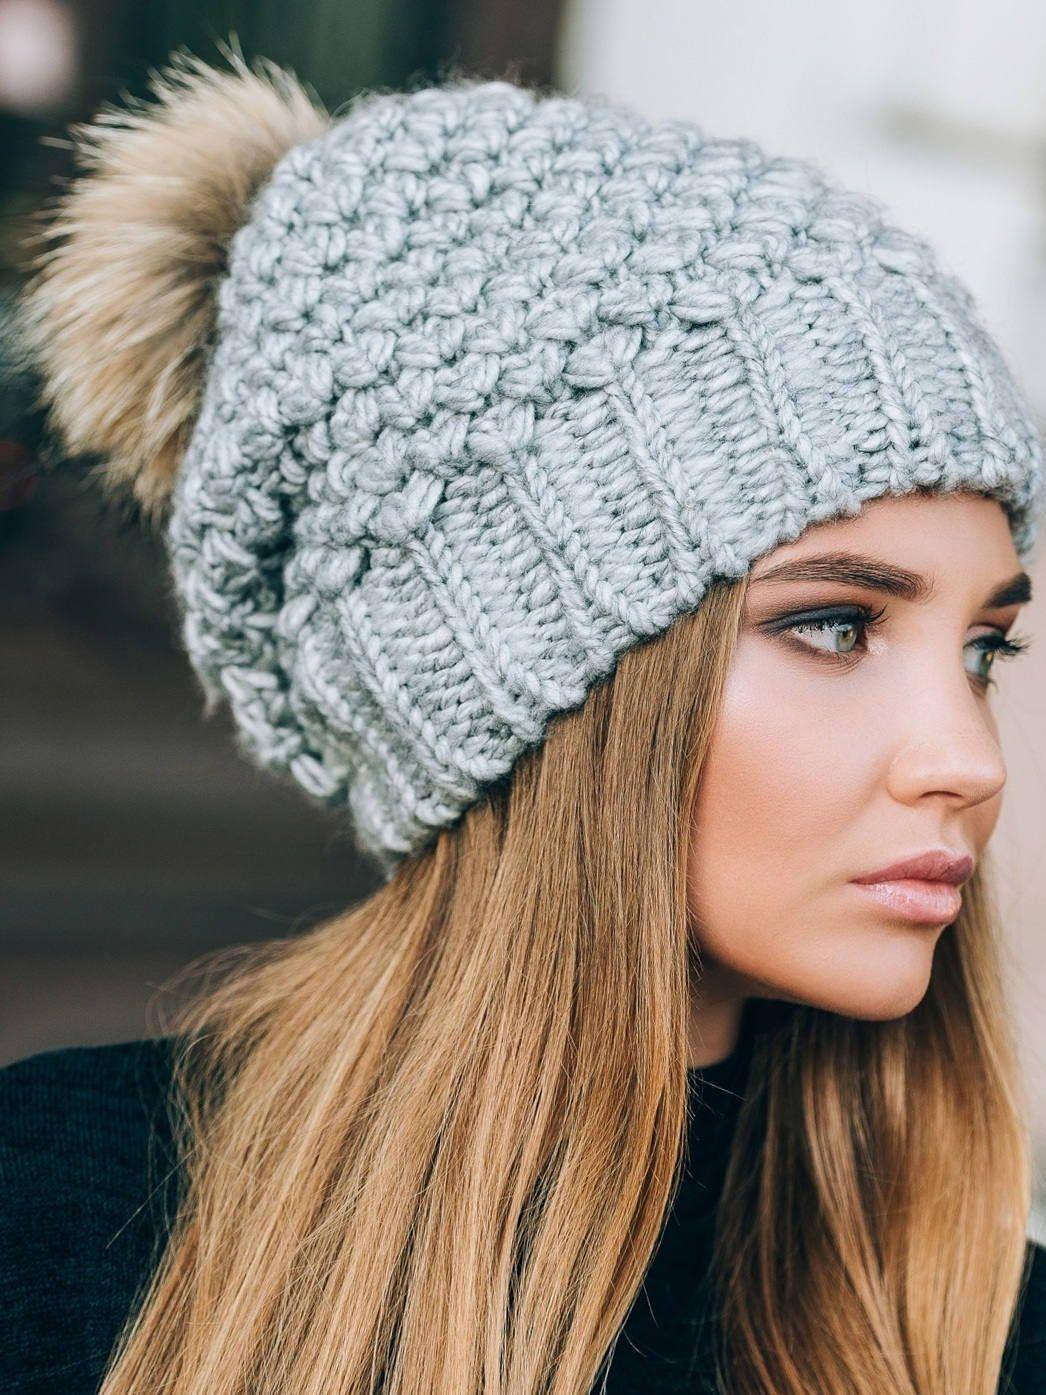 b91cf470a8a Fur Pom pom slouchy beanie fleece lined-Pom pom slouchy beanie-Big pom pom  hat-Christmas gift for wife-Pompom hat-Gray slouchy beanie  winter  hat   afflink